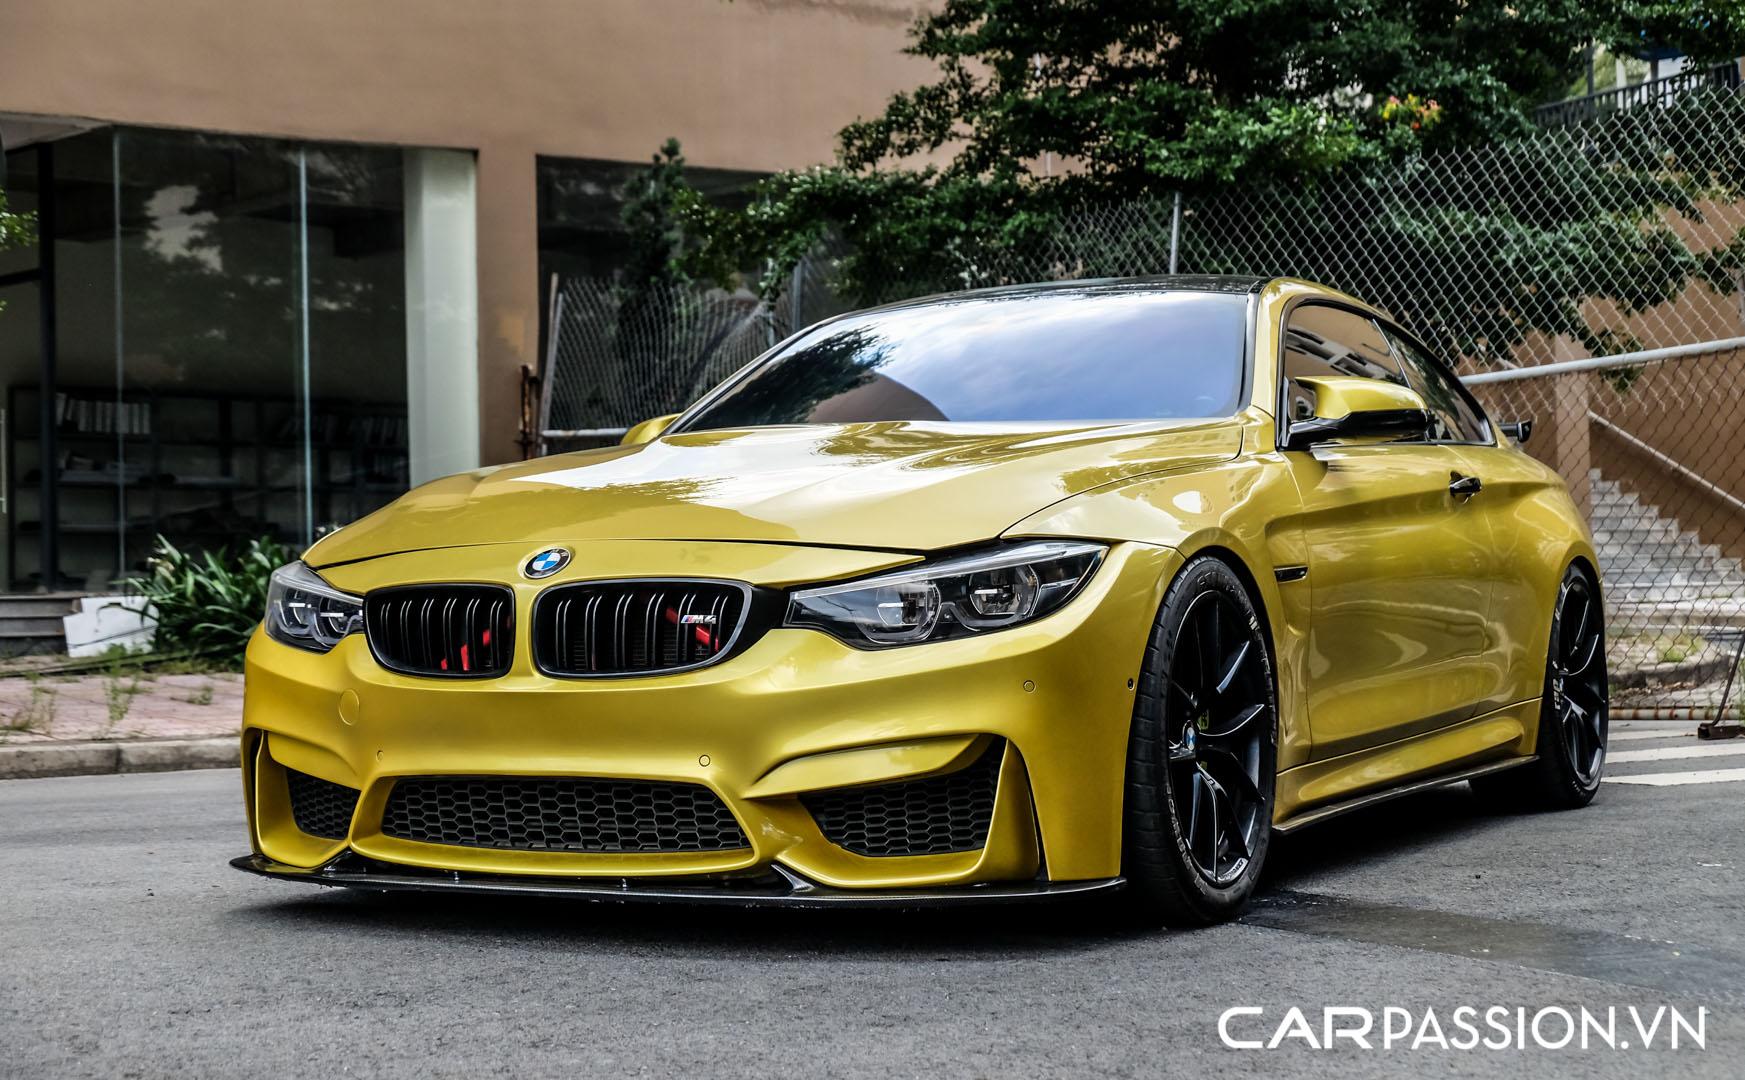 CP-BMW M4 F8 được rao bán (4).jpg